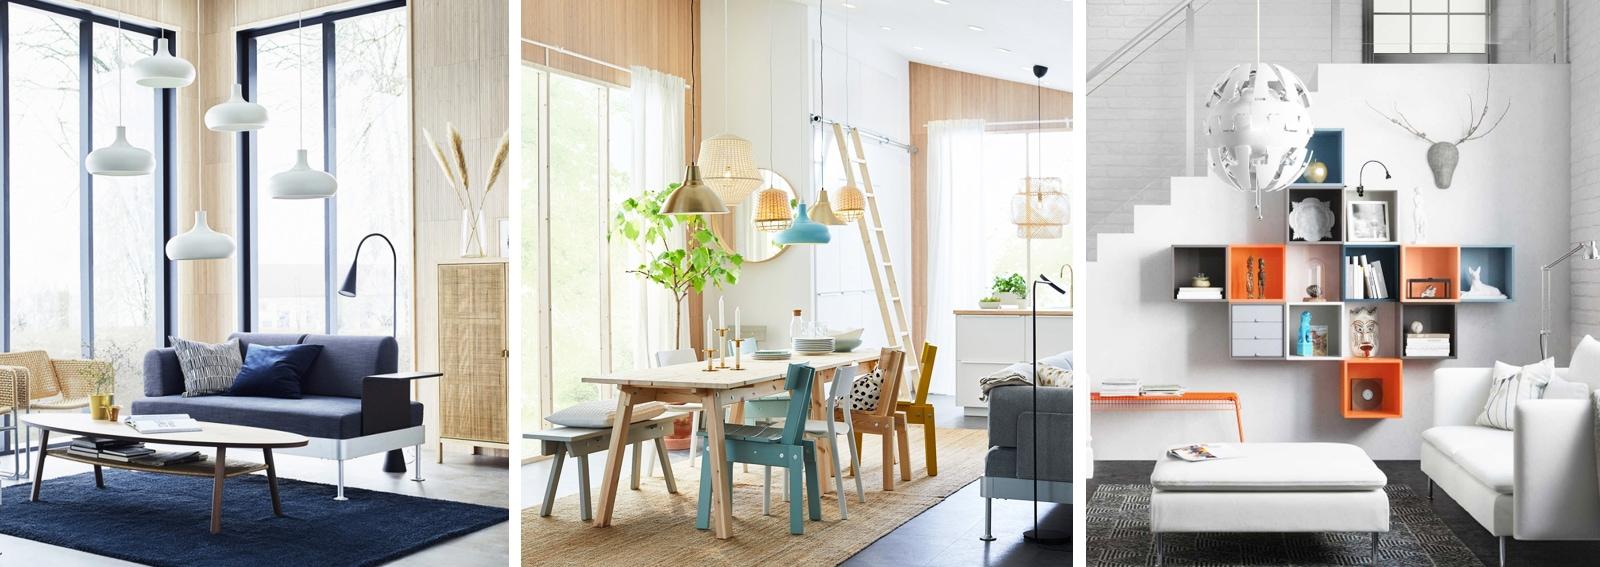 Lampadari IKEA: 10 modelli da comprare subito - Grazia.it